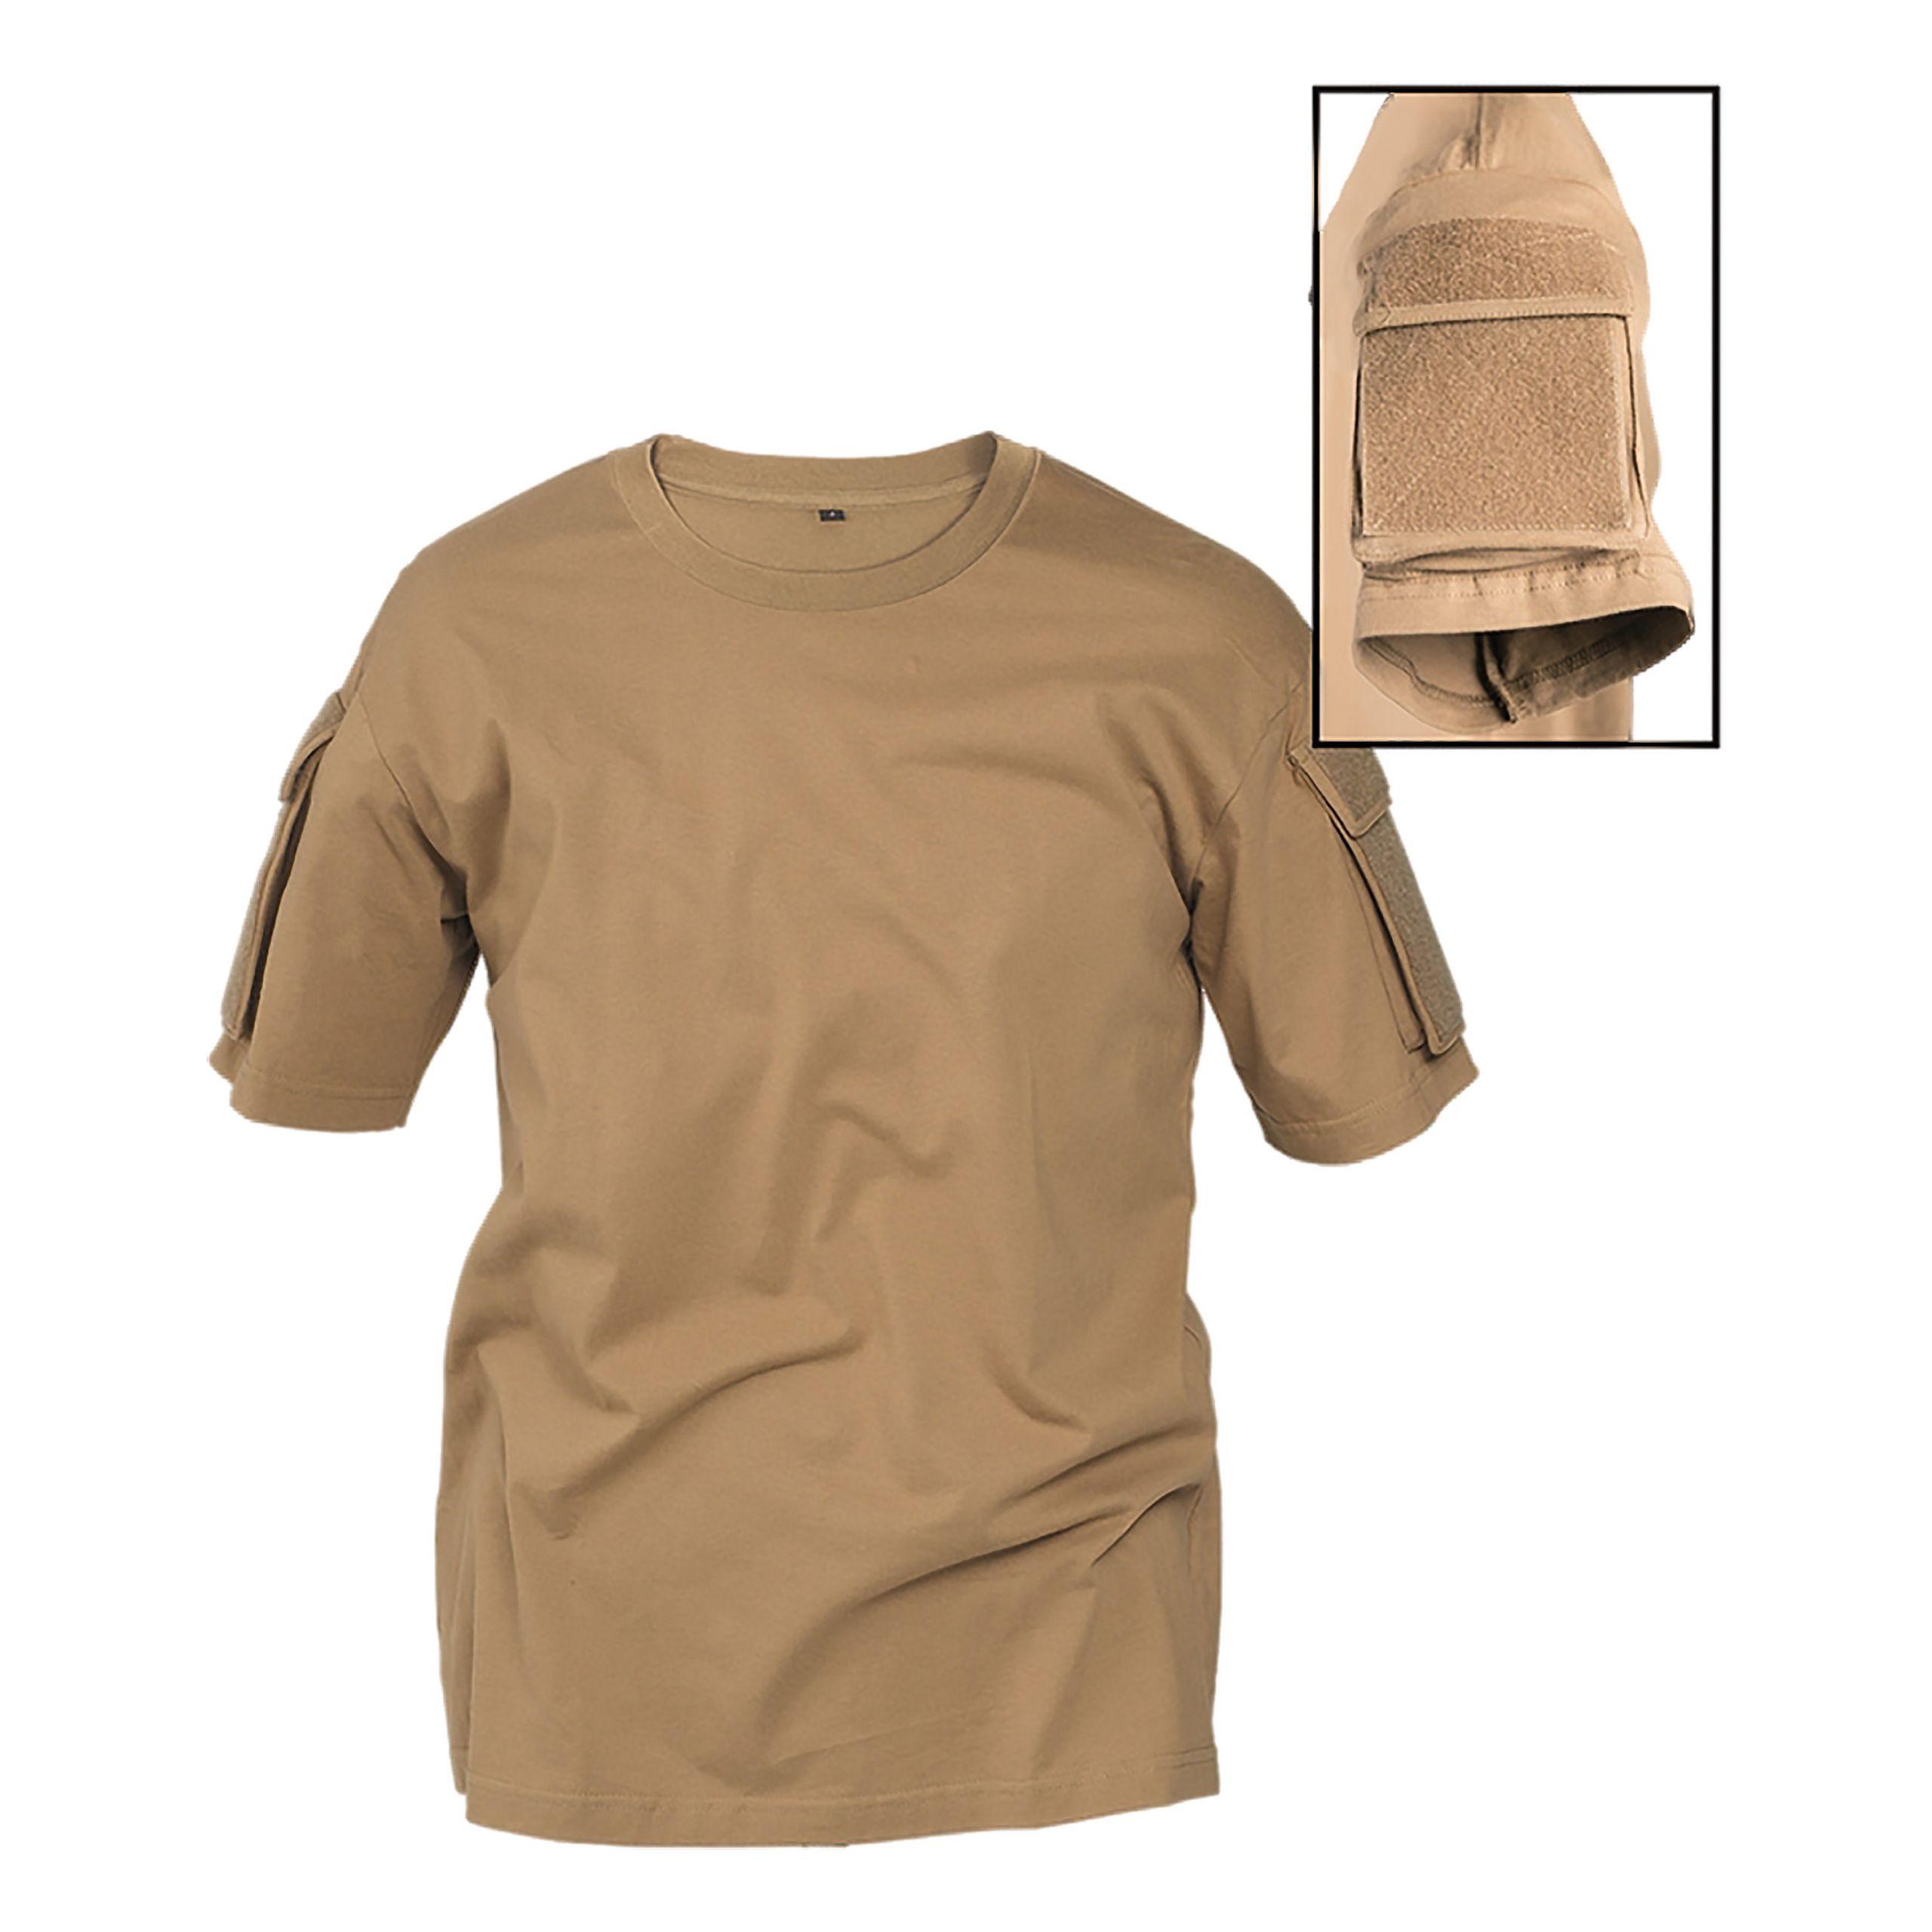 Mil-Tec Mens T-Shirt Mandra Tan